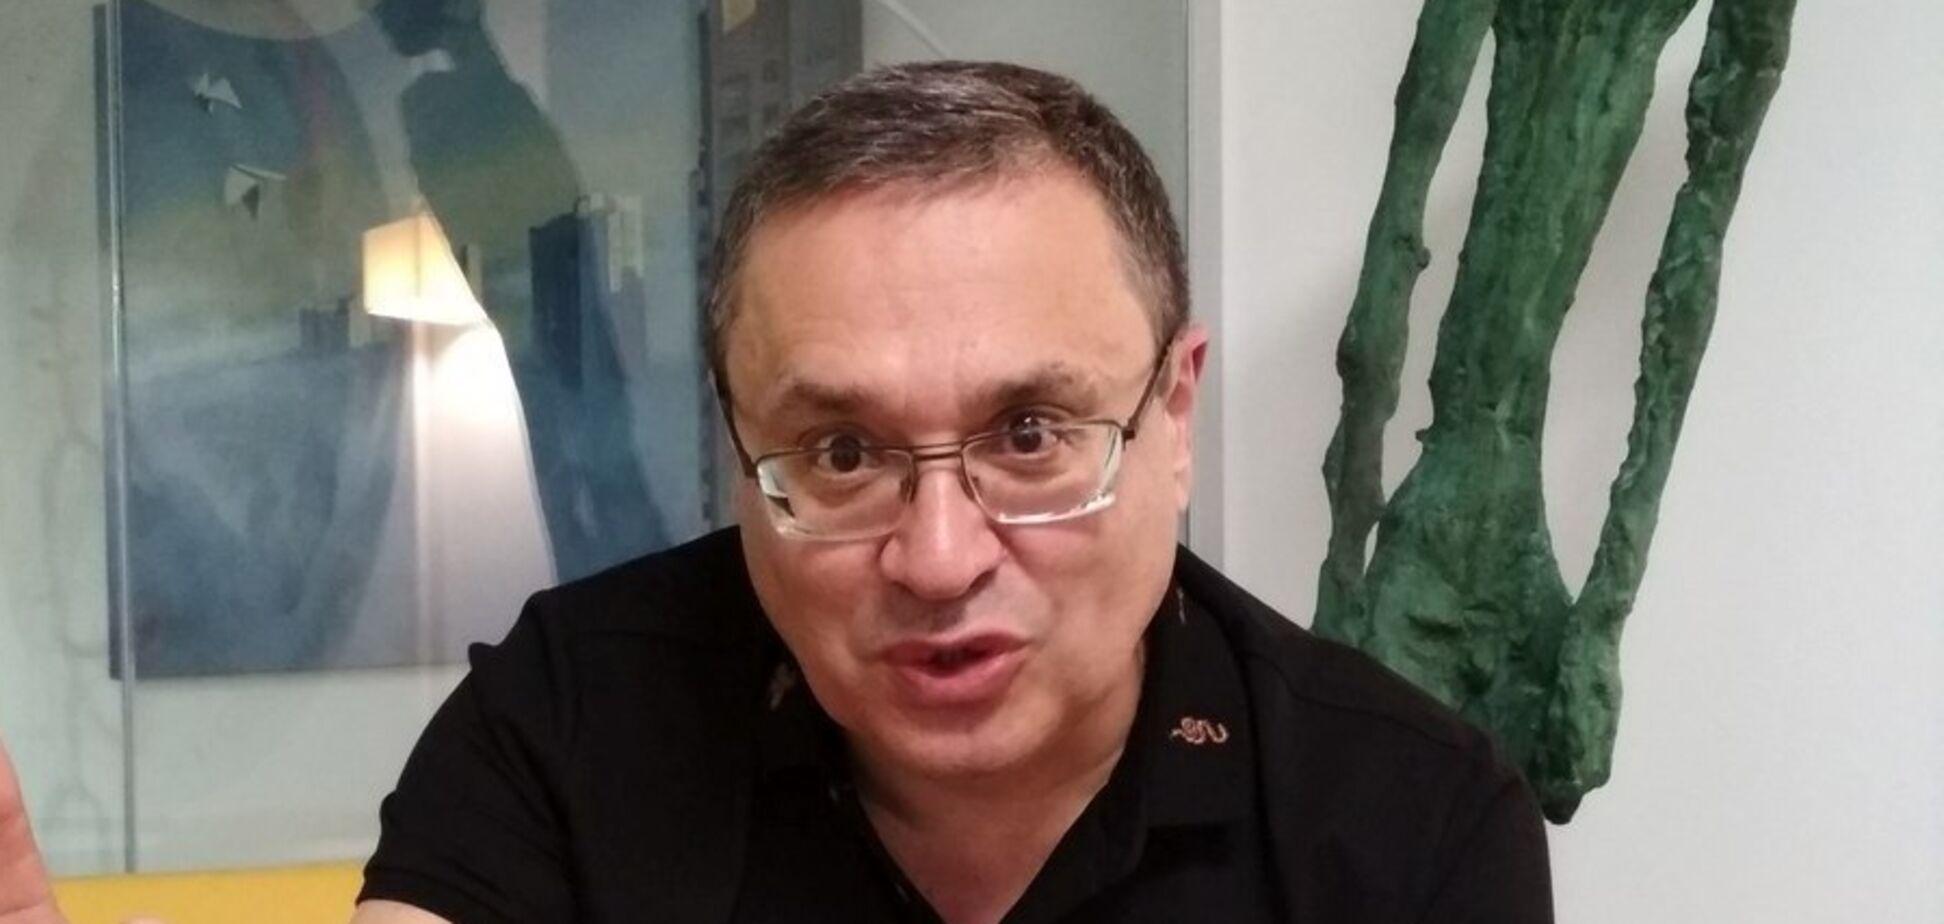 Тарута зажадав від Адамовського мільйони доларів: відомо подробиці